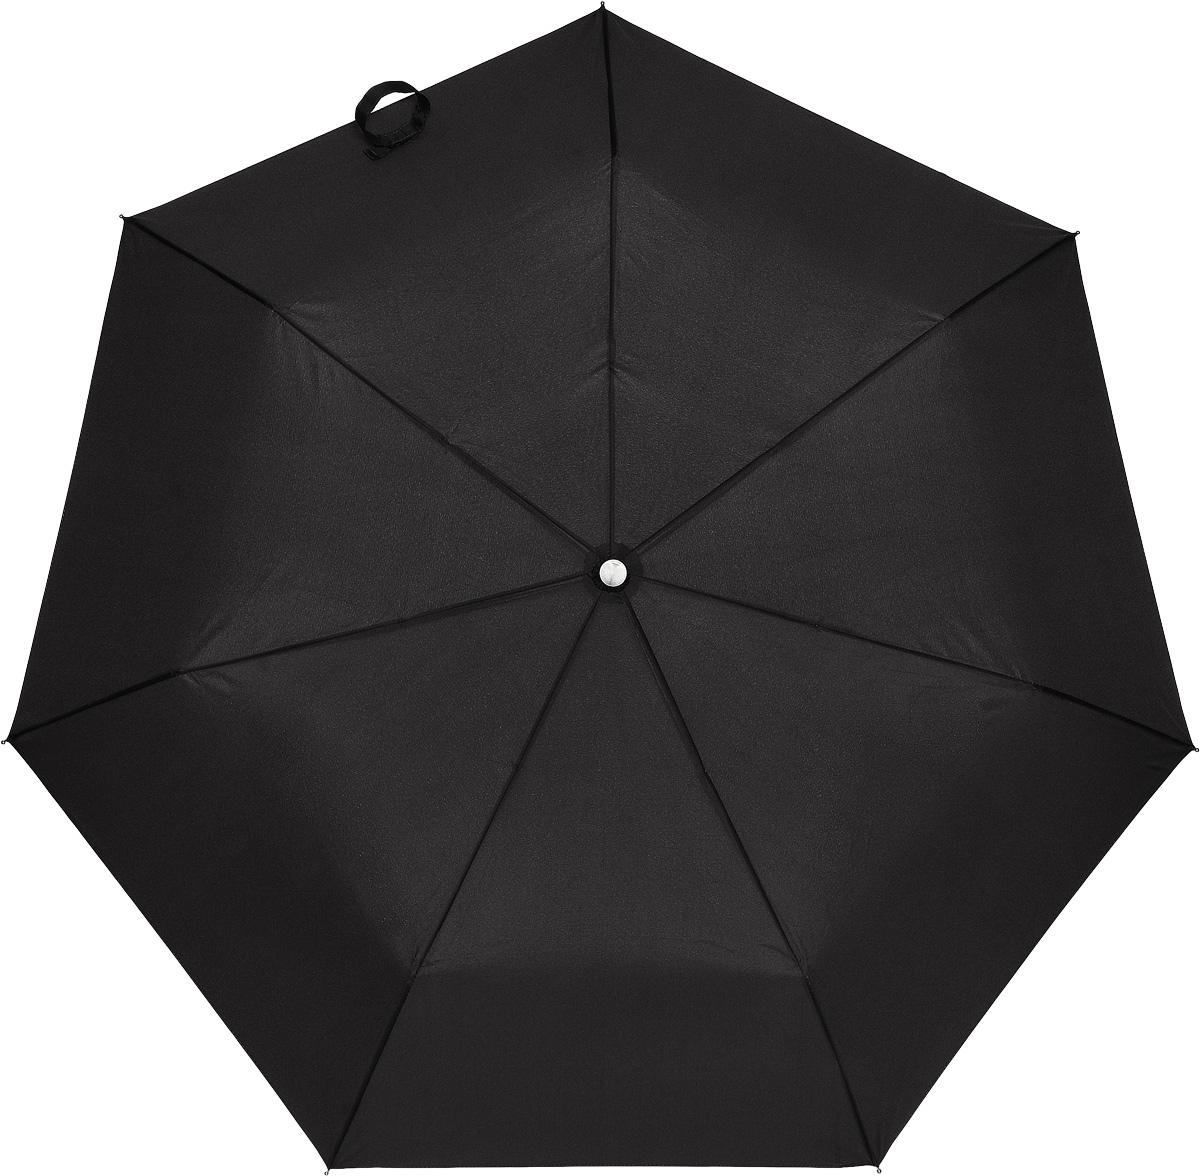 C-Collection 223-3 Зонт полный автом. 3 сл. муж.223-3Зонт испанского производителя Clima. В производстве зонтов используются современные материалы, что делает зонты легкими, но в то же время крепкими. Полный автомат, 3 сложения, 7 спиц по 55см, полиэстер.